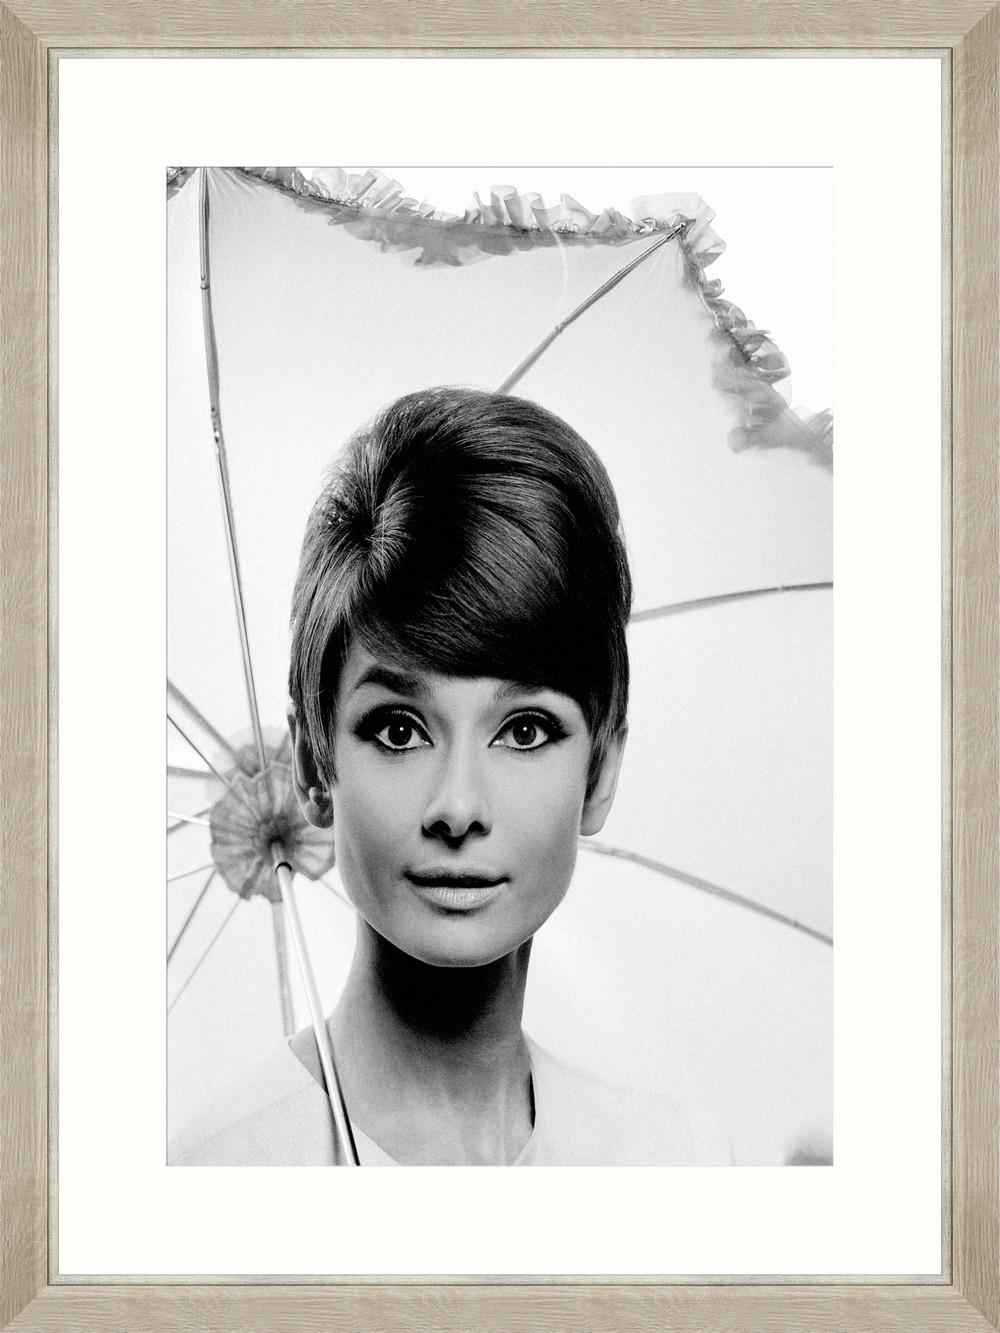 Tablou Framed Art Audrey Hepburn Under Umbrella imagine